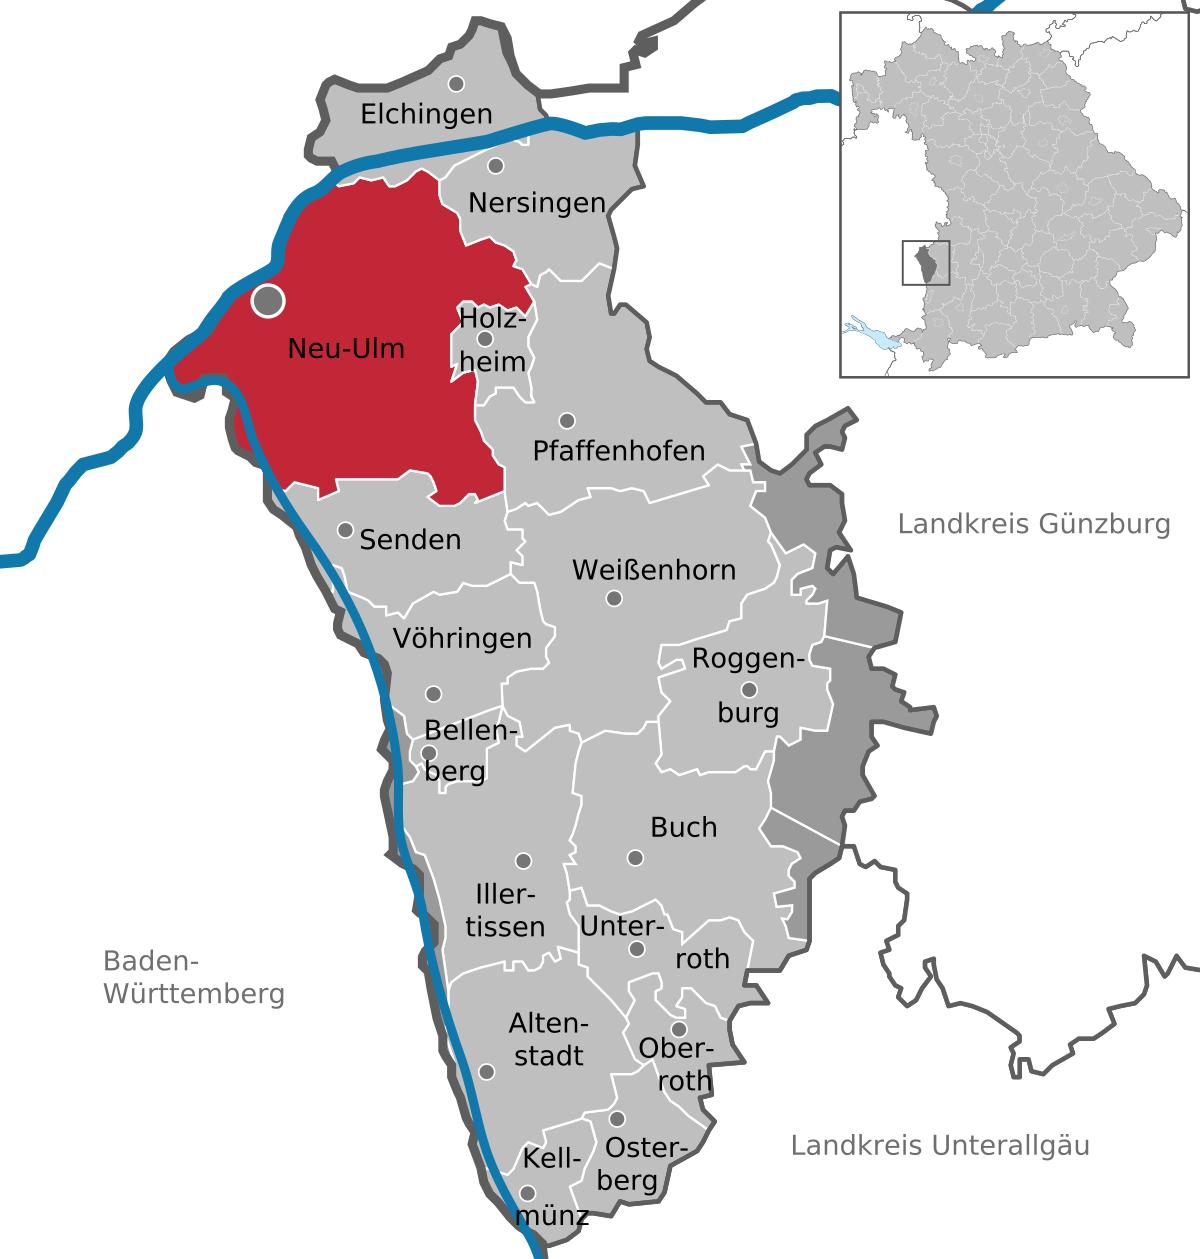 ulm deutschland karte ulm deutschlandkarte #deutschlandkarte | My memory, Family history